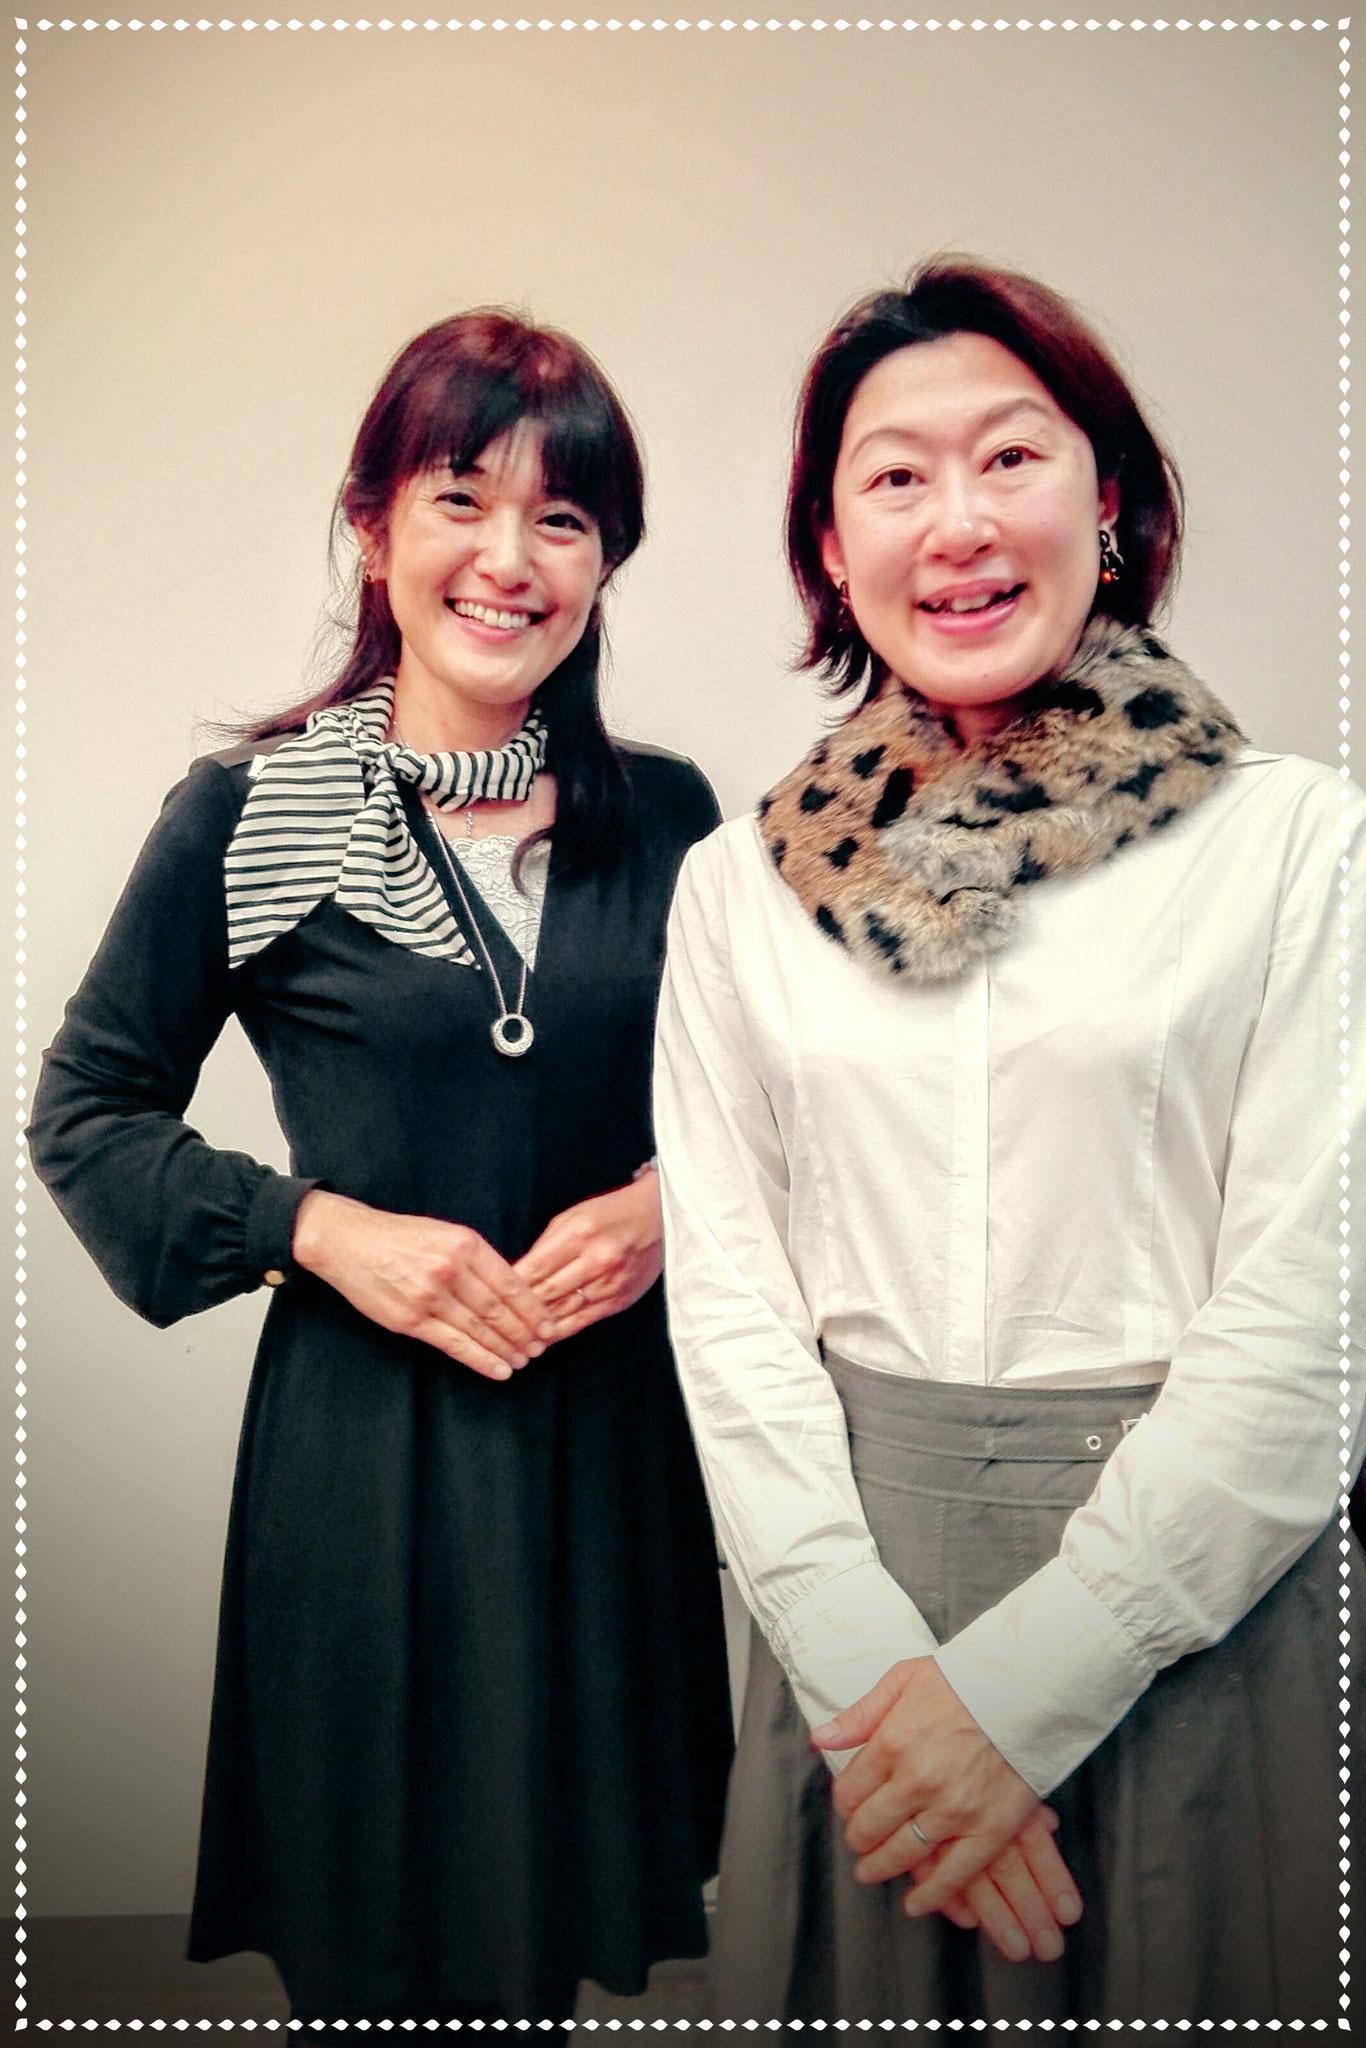 13日 日曜日 原宿で素晴らしいセミナーを受講しました。コーチングで沢山の方の輝きを引きだしておられる ぽこあぽこ音楽教室の松本美和先生。